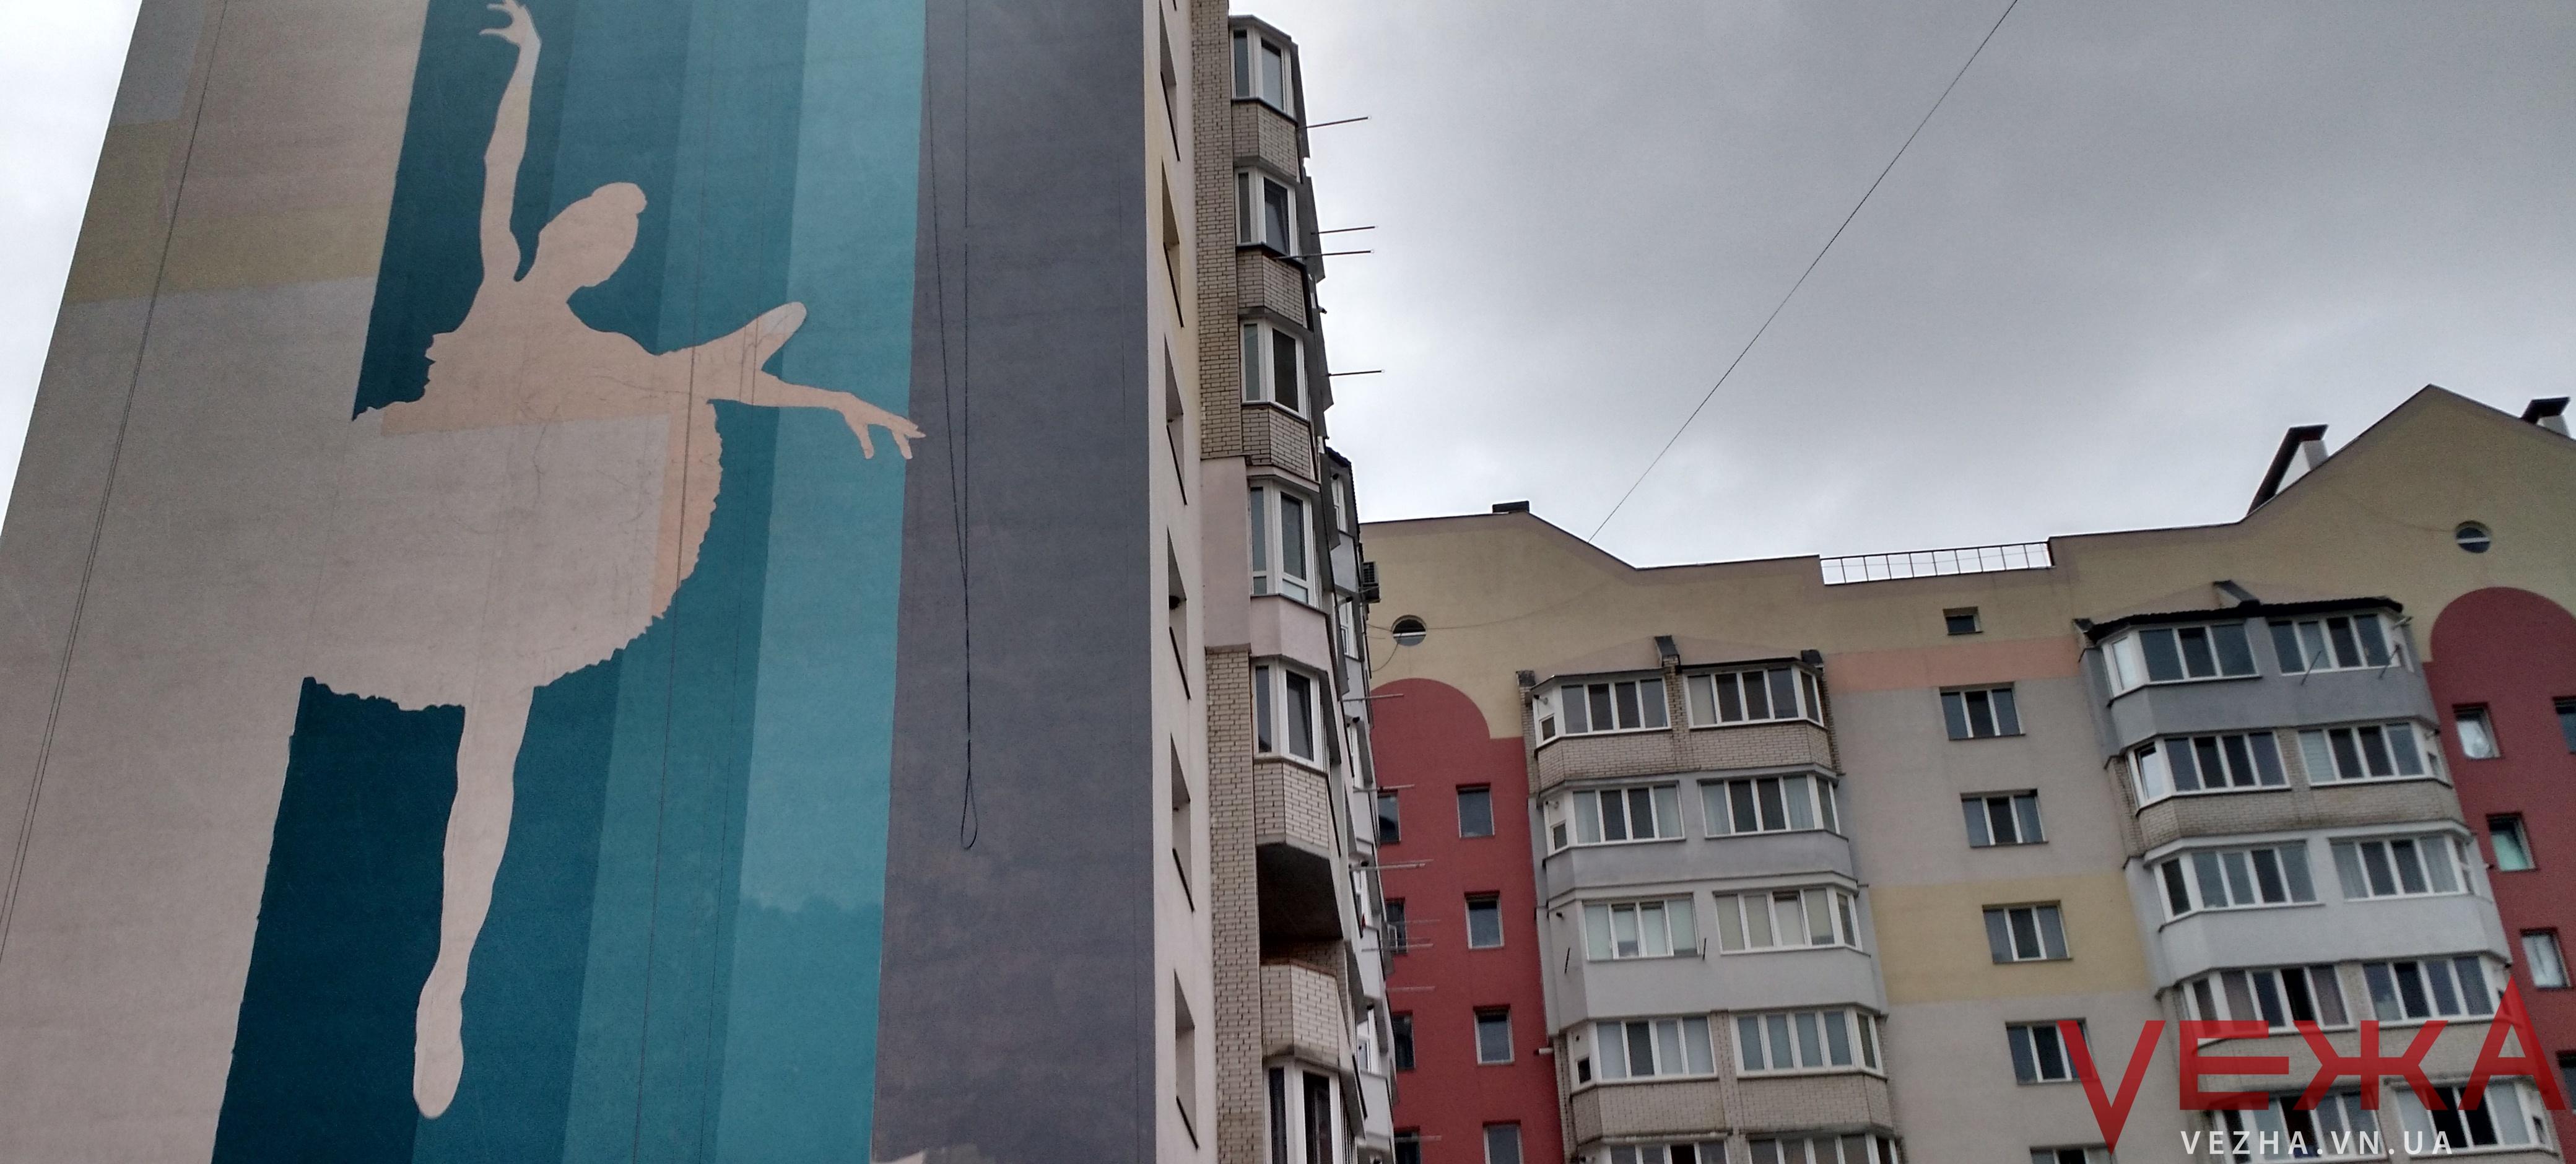 Мурали проти погоди: чи встигнуть прикрасити Вінницю до Дня міста